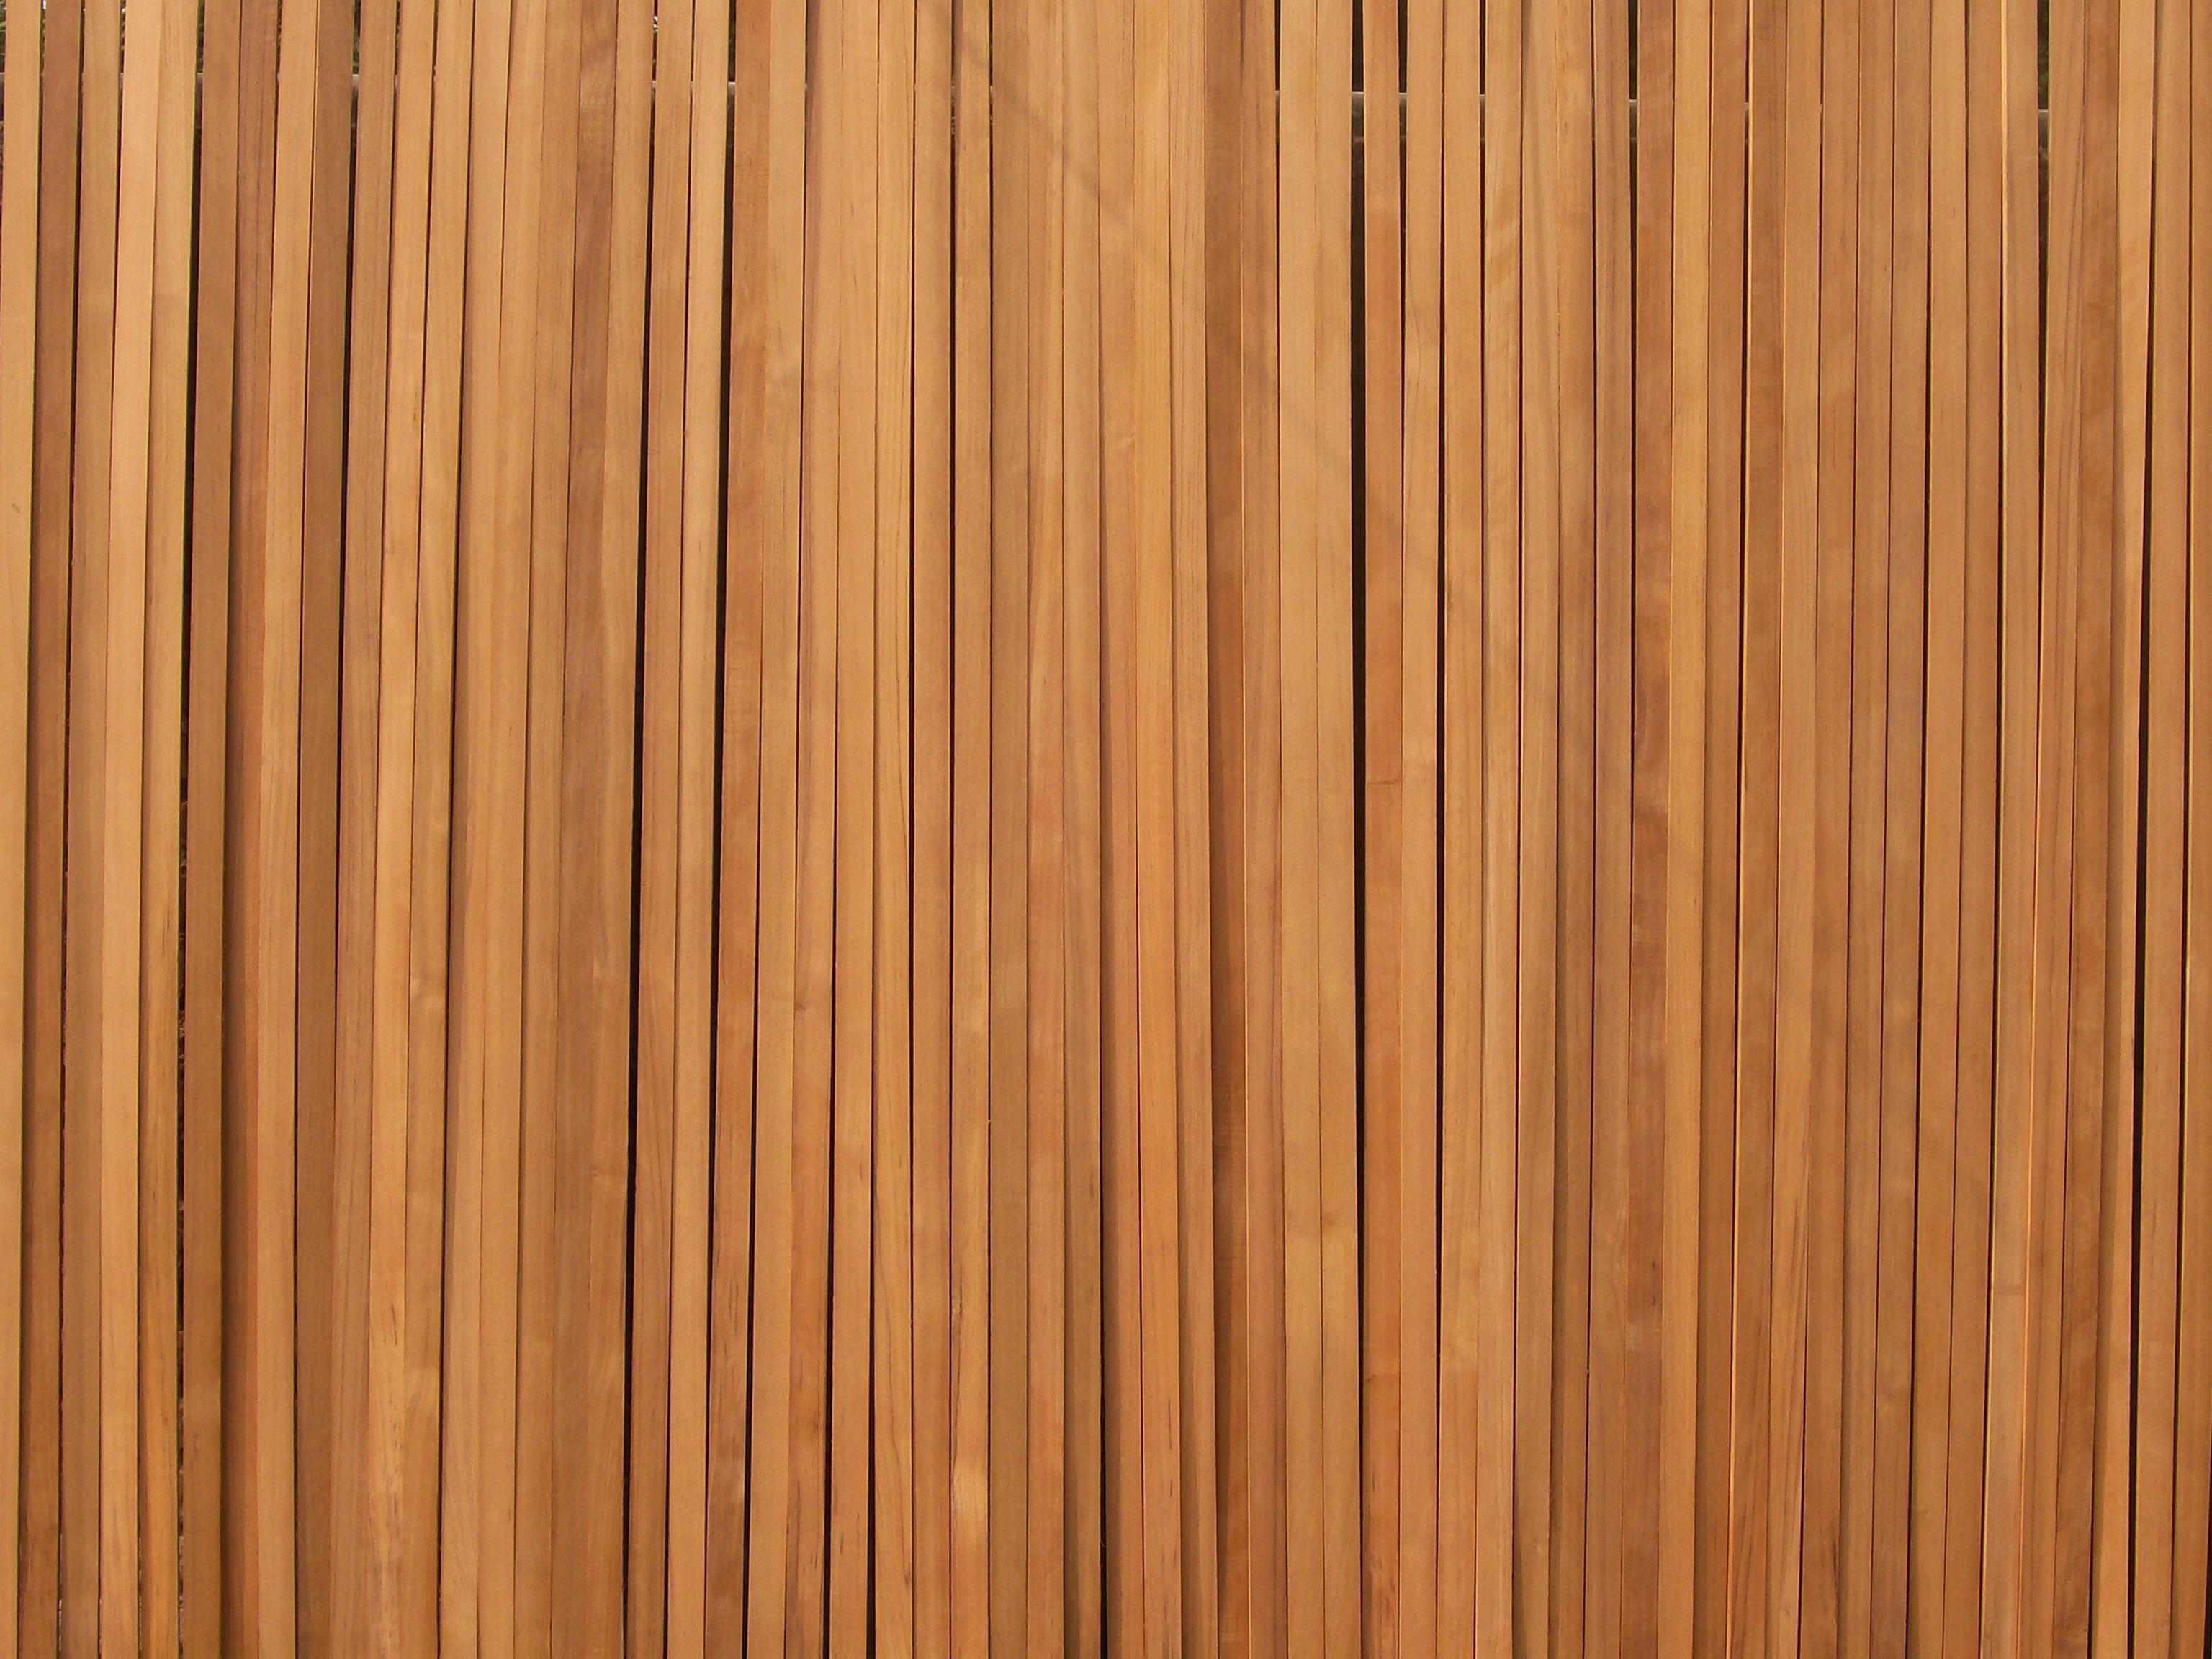 Teak Sawn Lumber Quarter Sawn Amp Semi Quarter Sawn